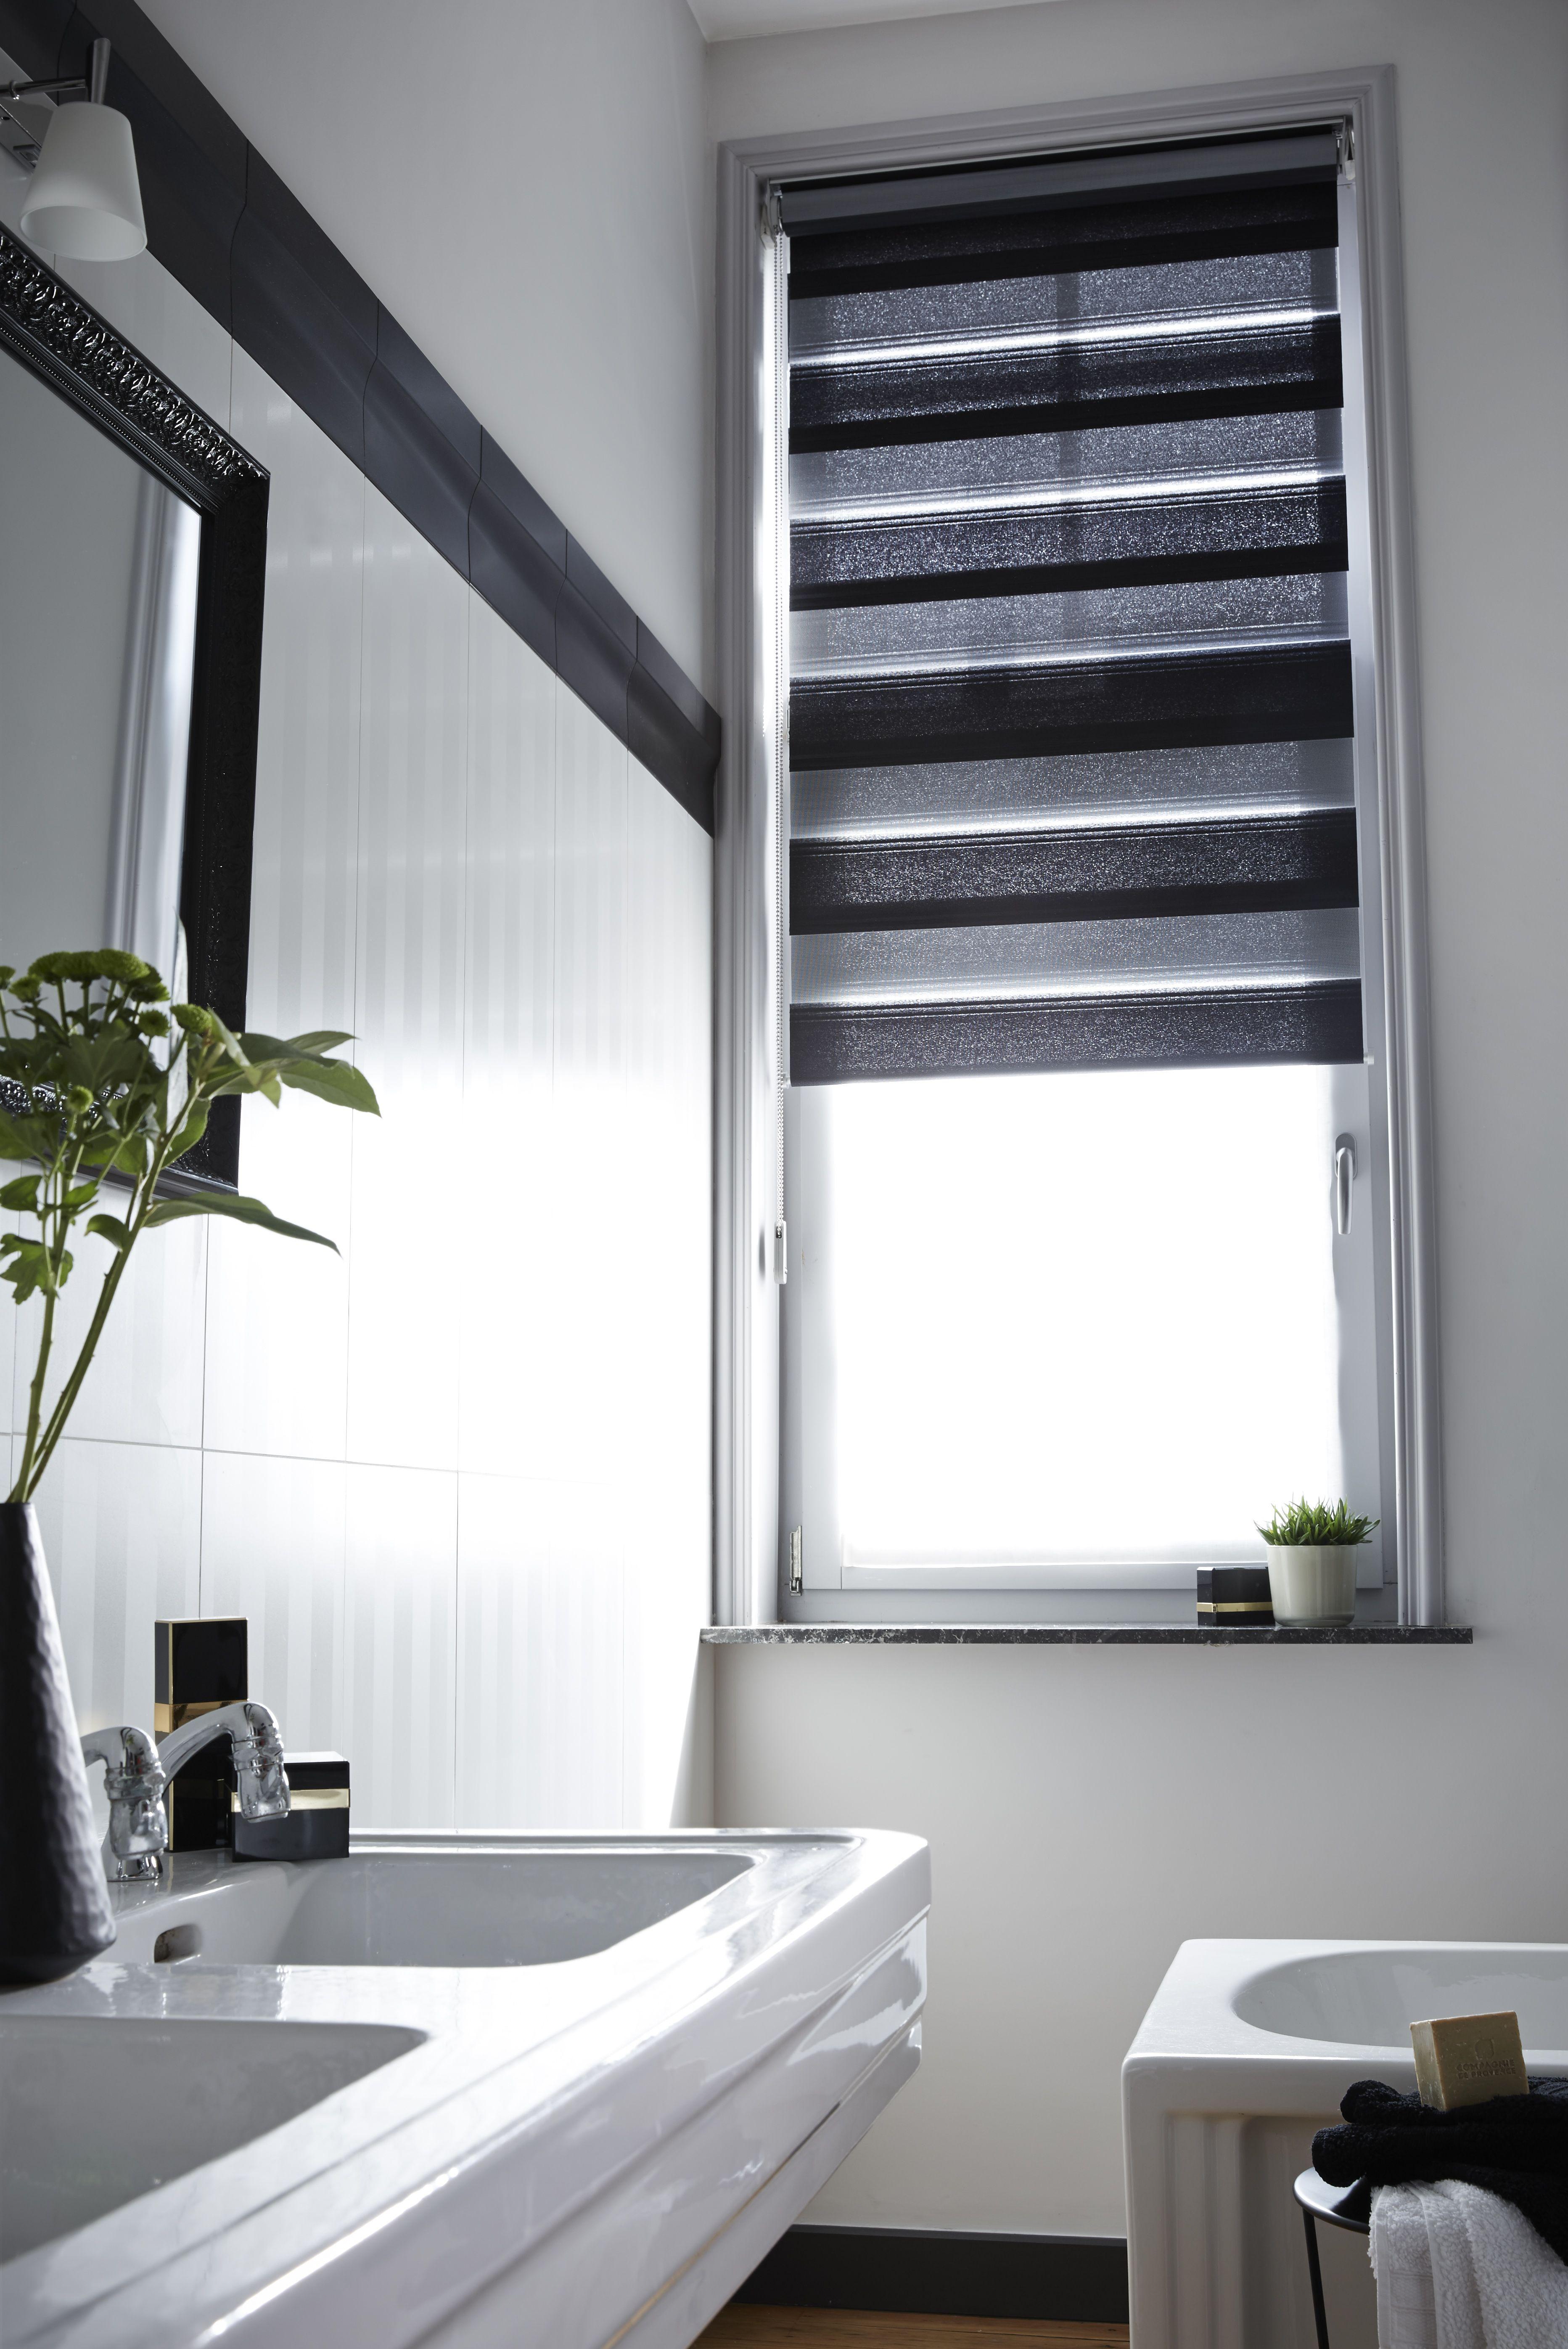 Chez vous en 2020 salle de bain sans fenetre habillage - Showroom salle de bain toulouse ...